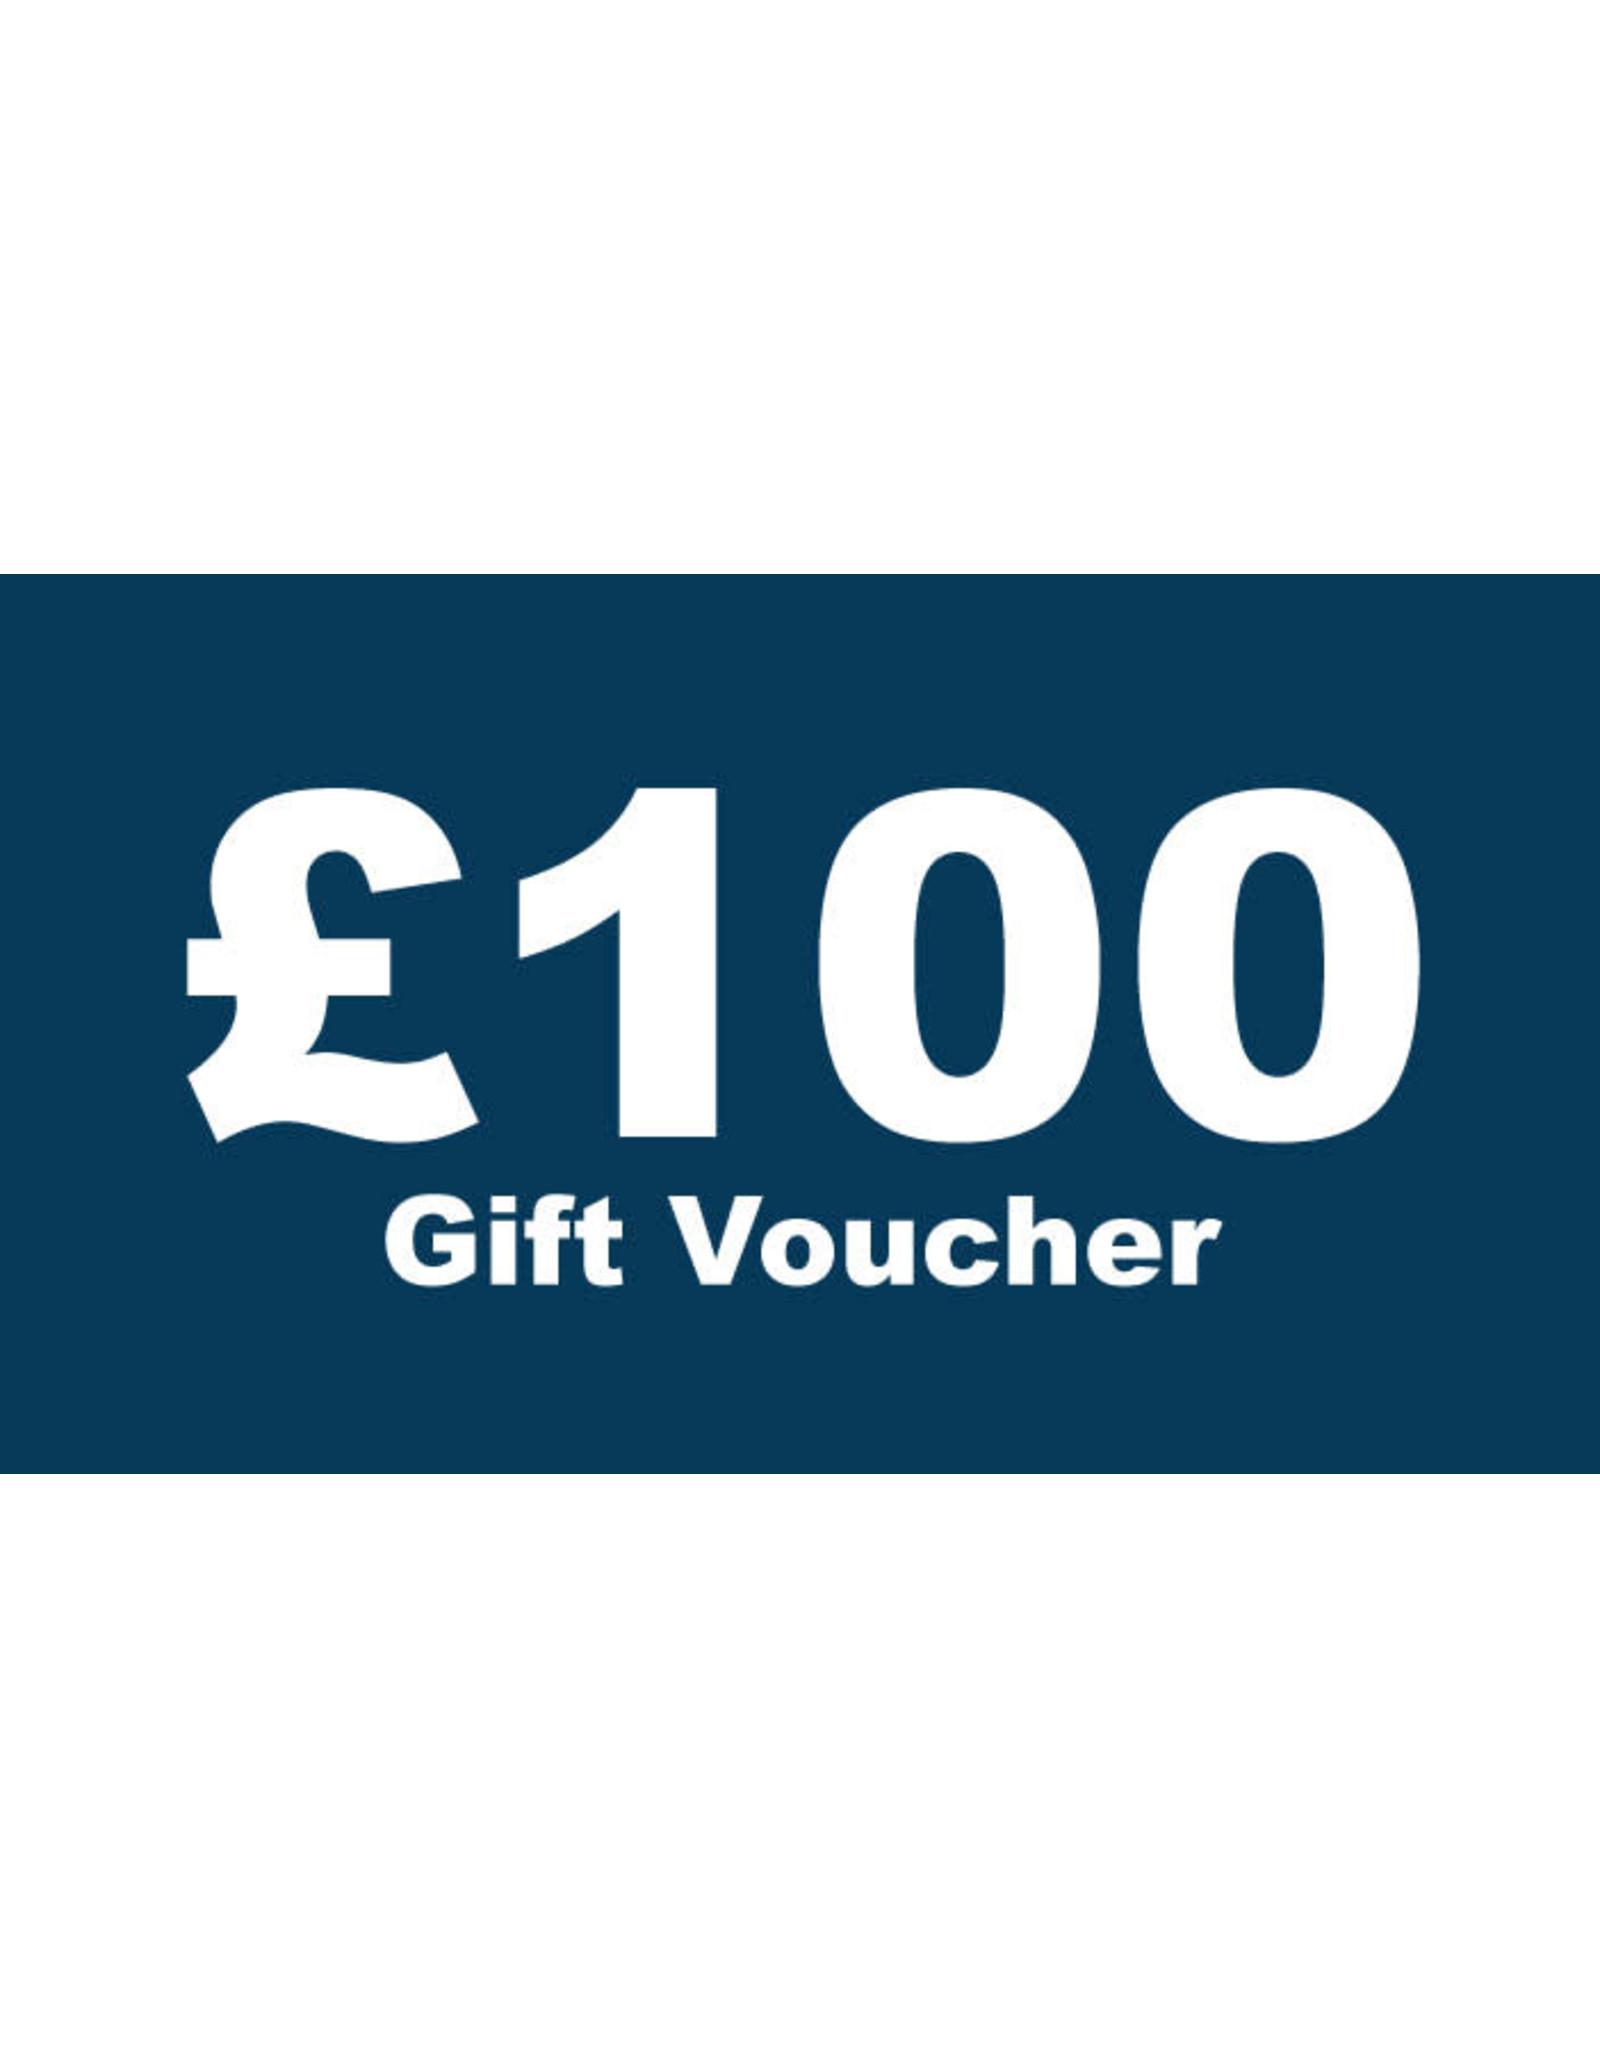 Mamachari Gift Voucher £100